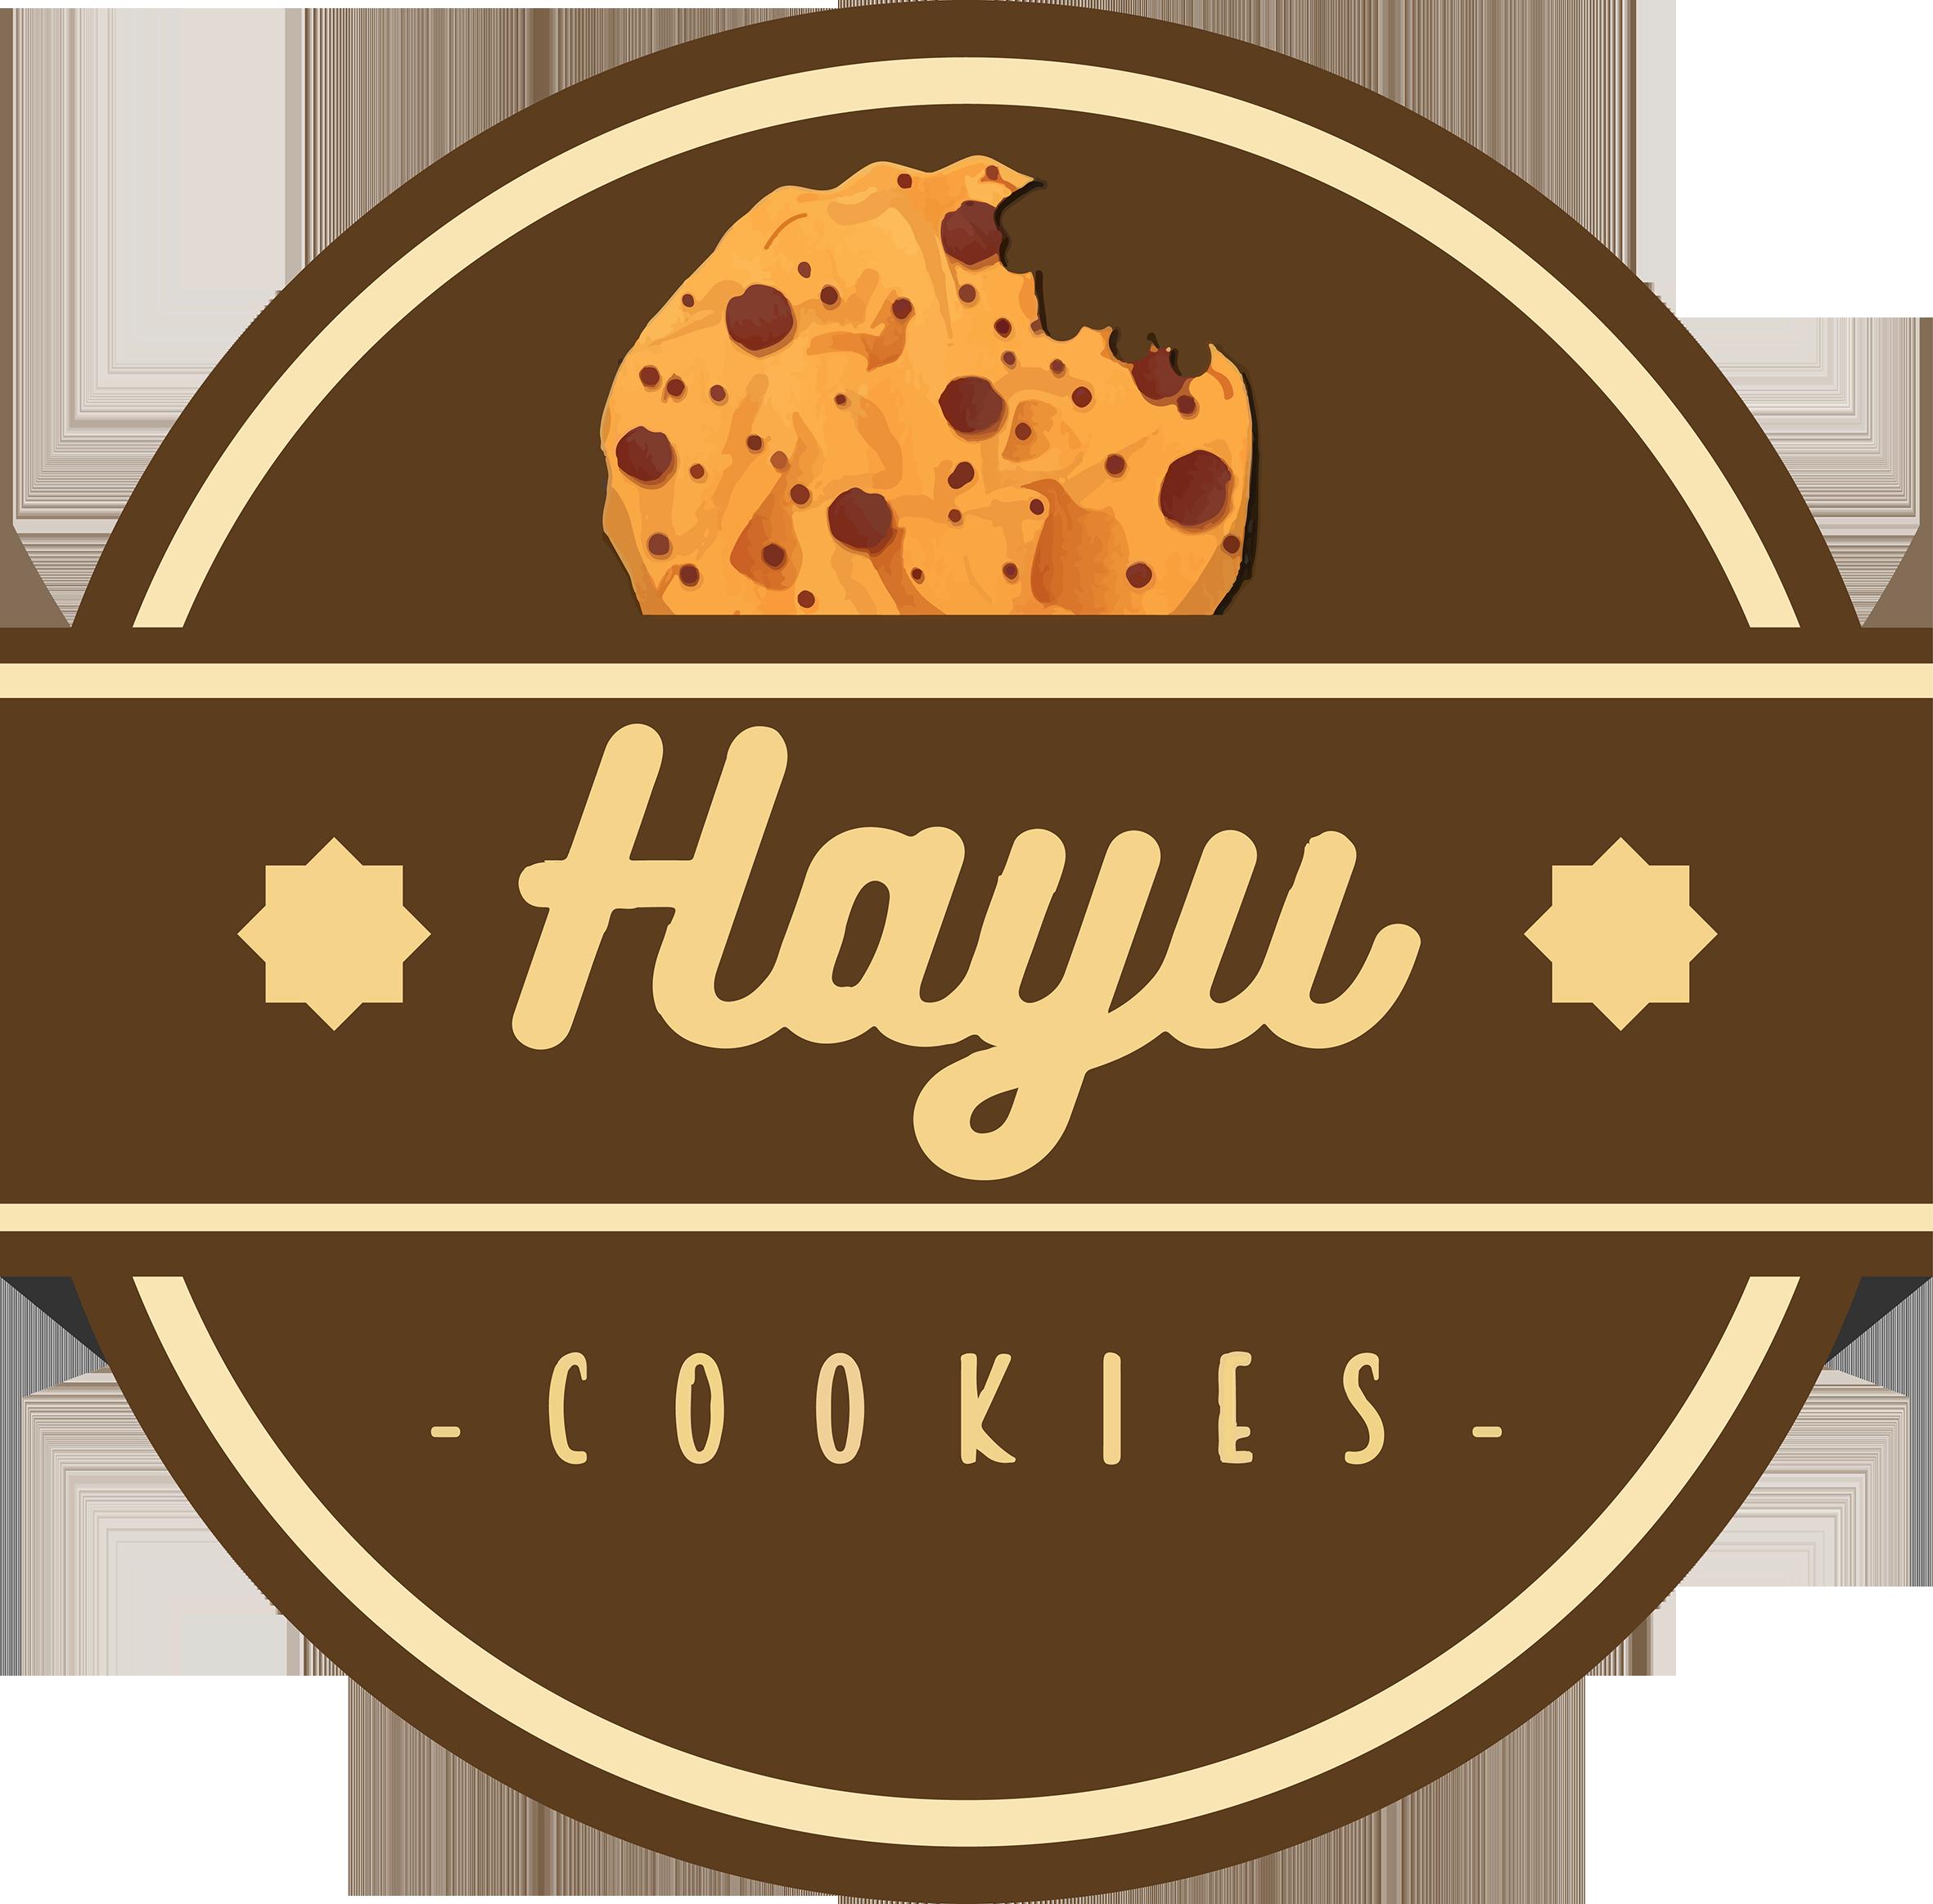 HD Cookies Logo Png.